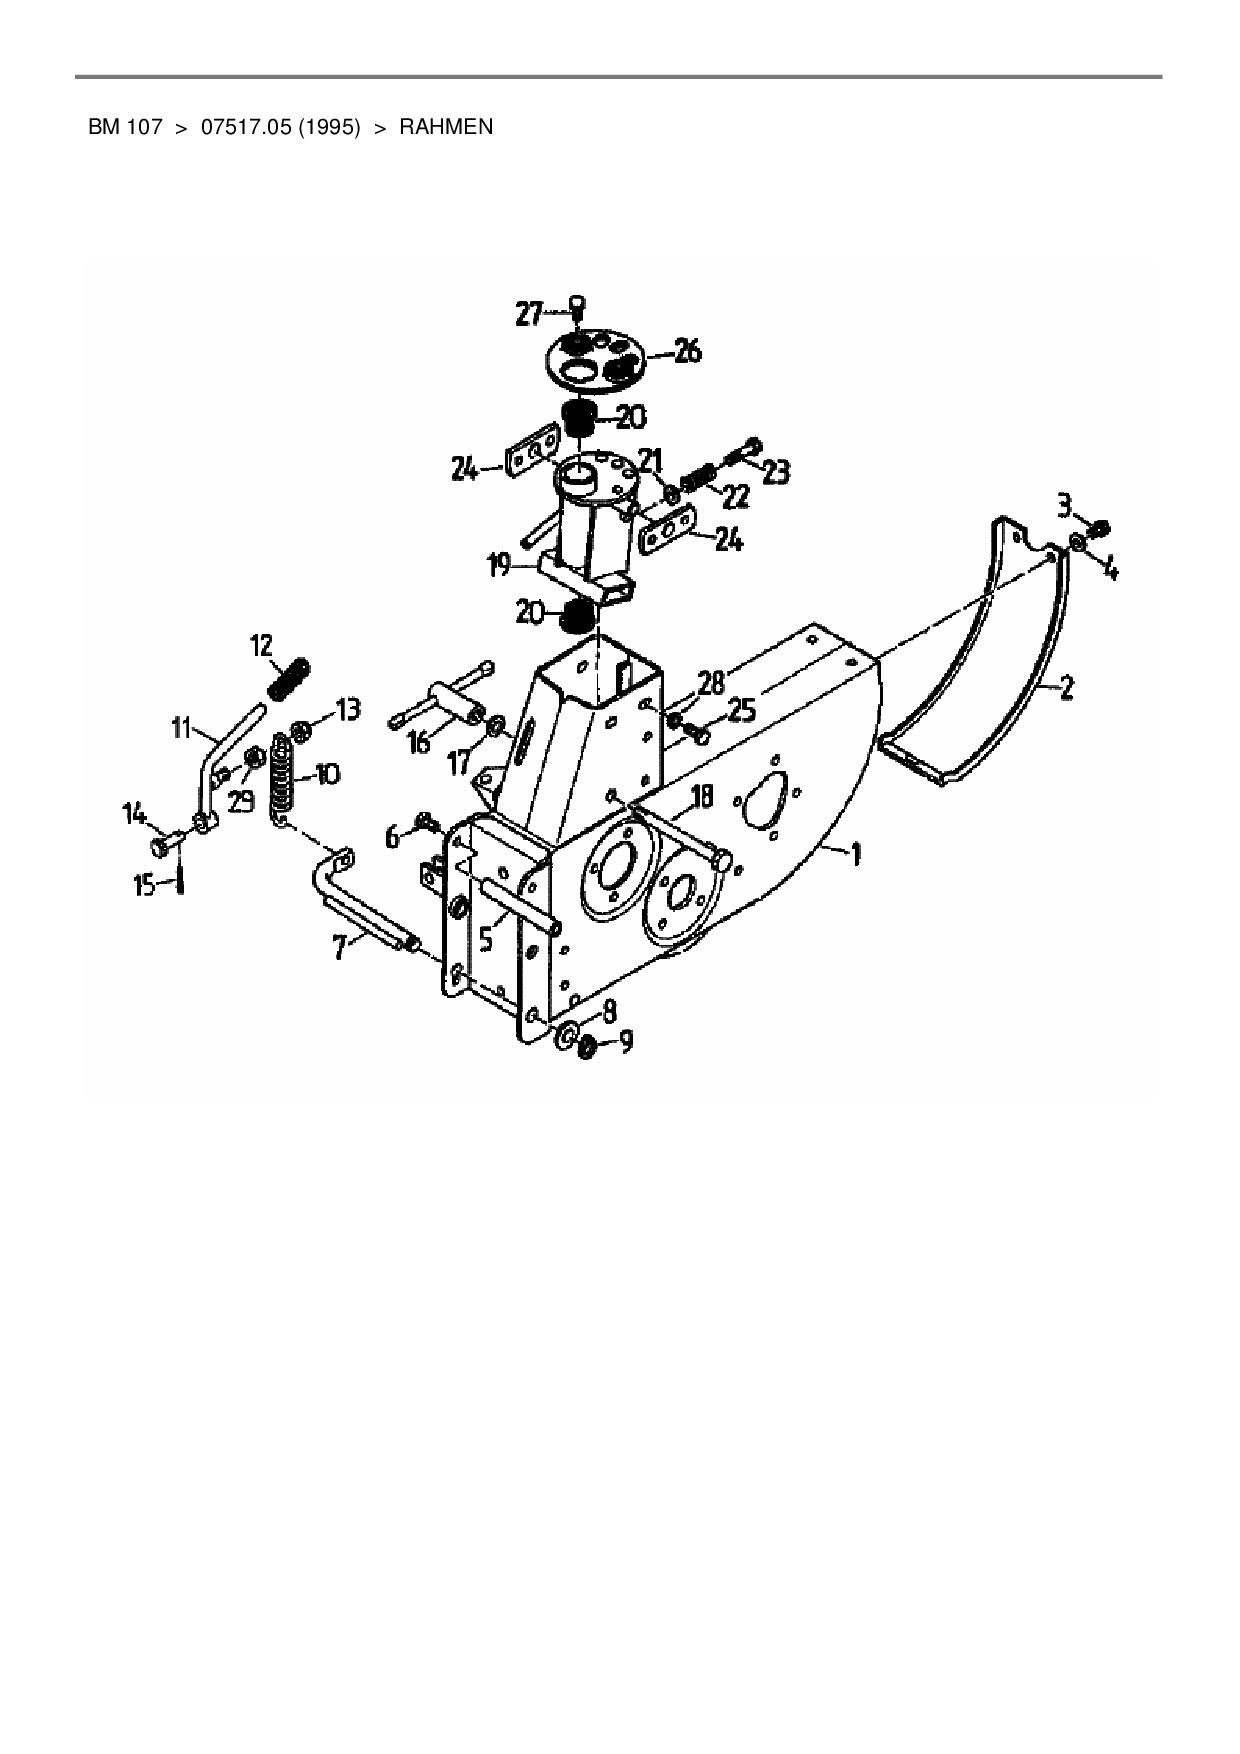 Ersatzteile von Gutbrod Balkenmäher BM 107 aus der Zeichnung Rahmen